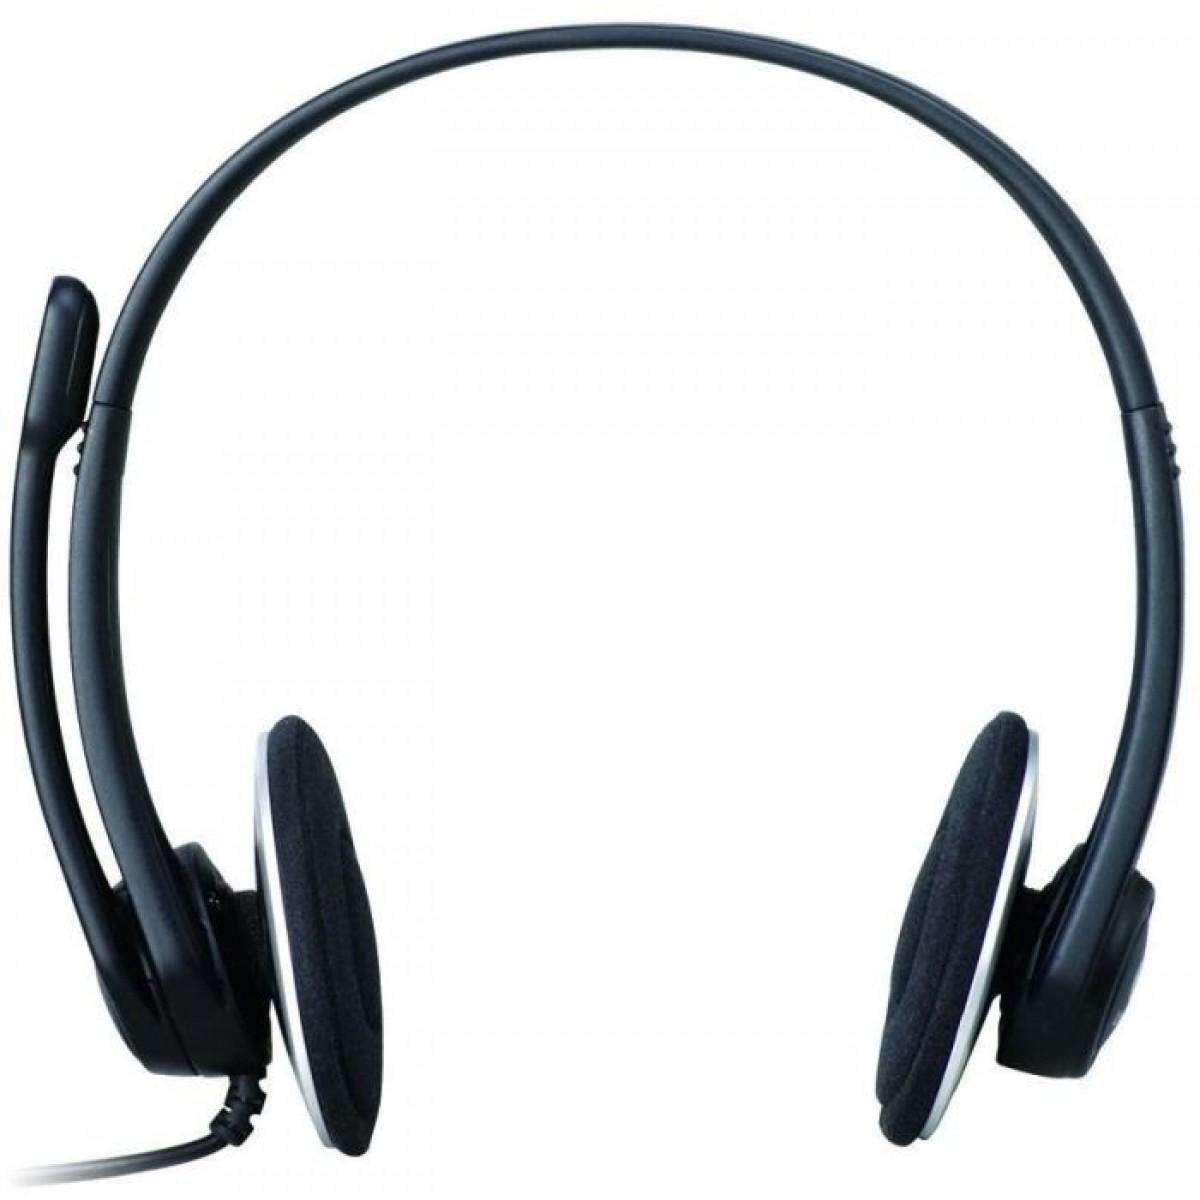 Logitech H340 Lightweight USB Headset